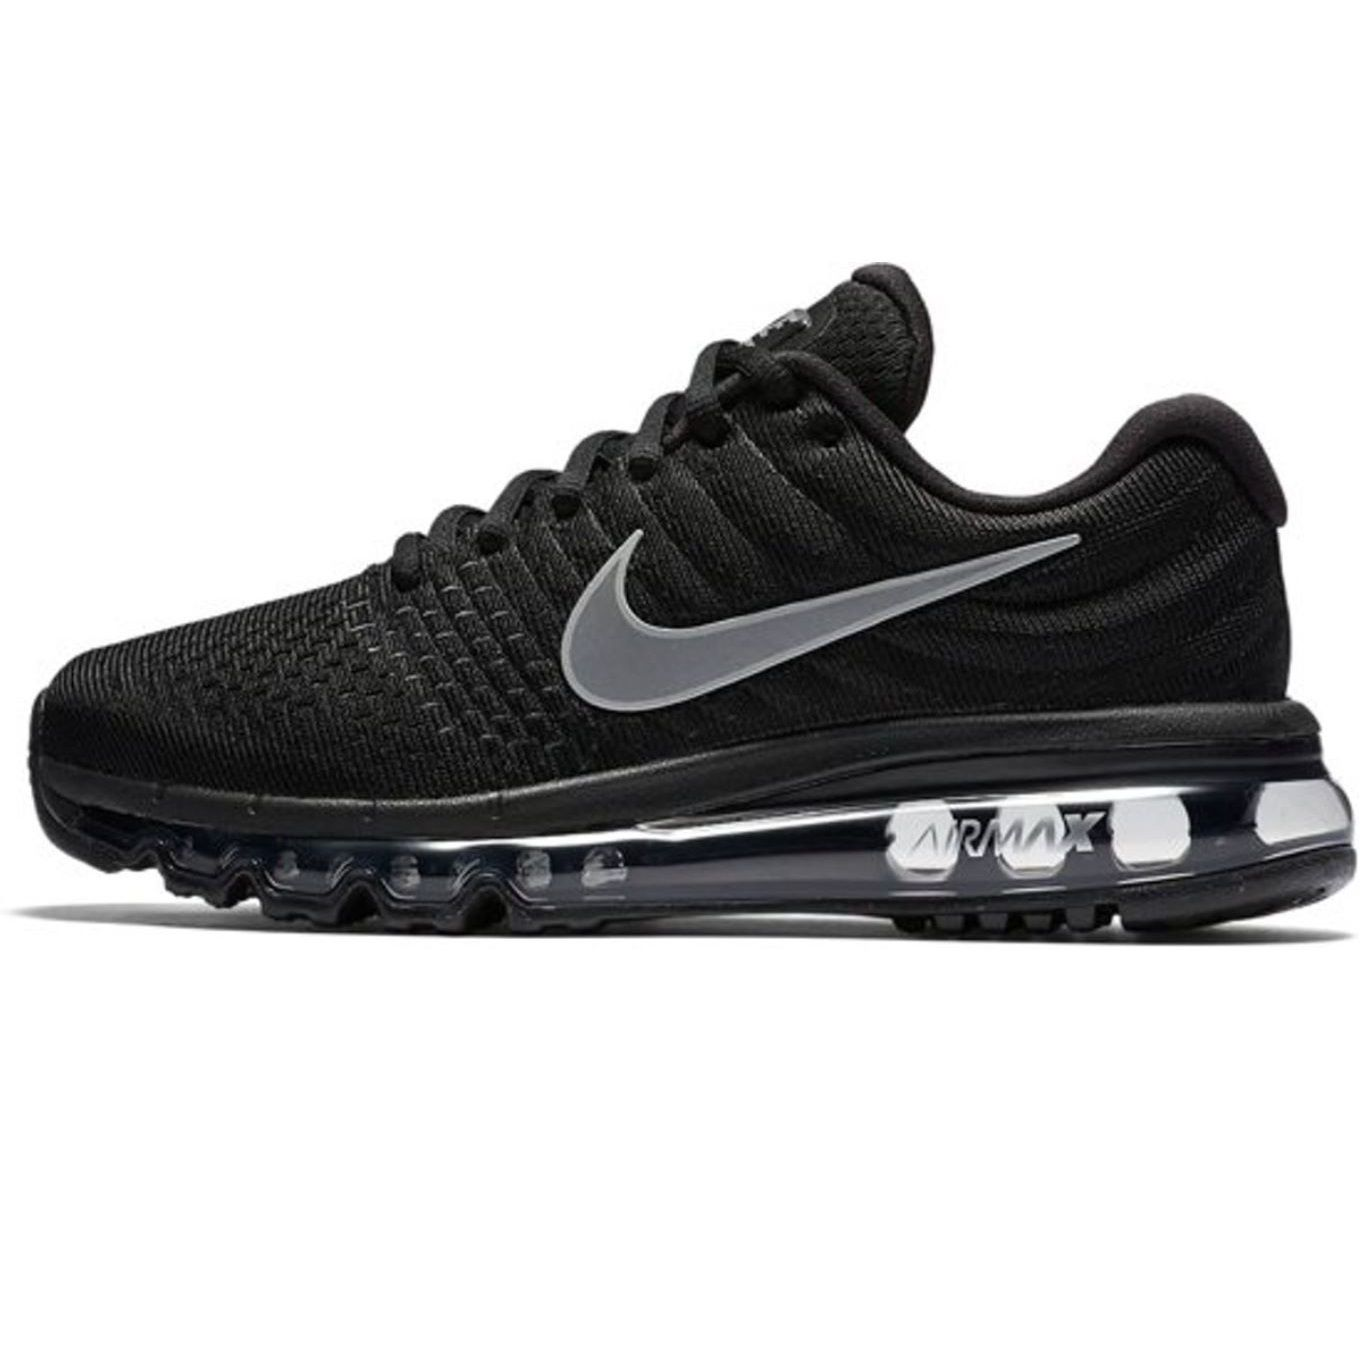 50% Korting Nike Air Max 2017 Dames Sneakers voor €87,50 bij